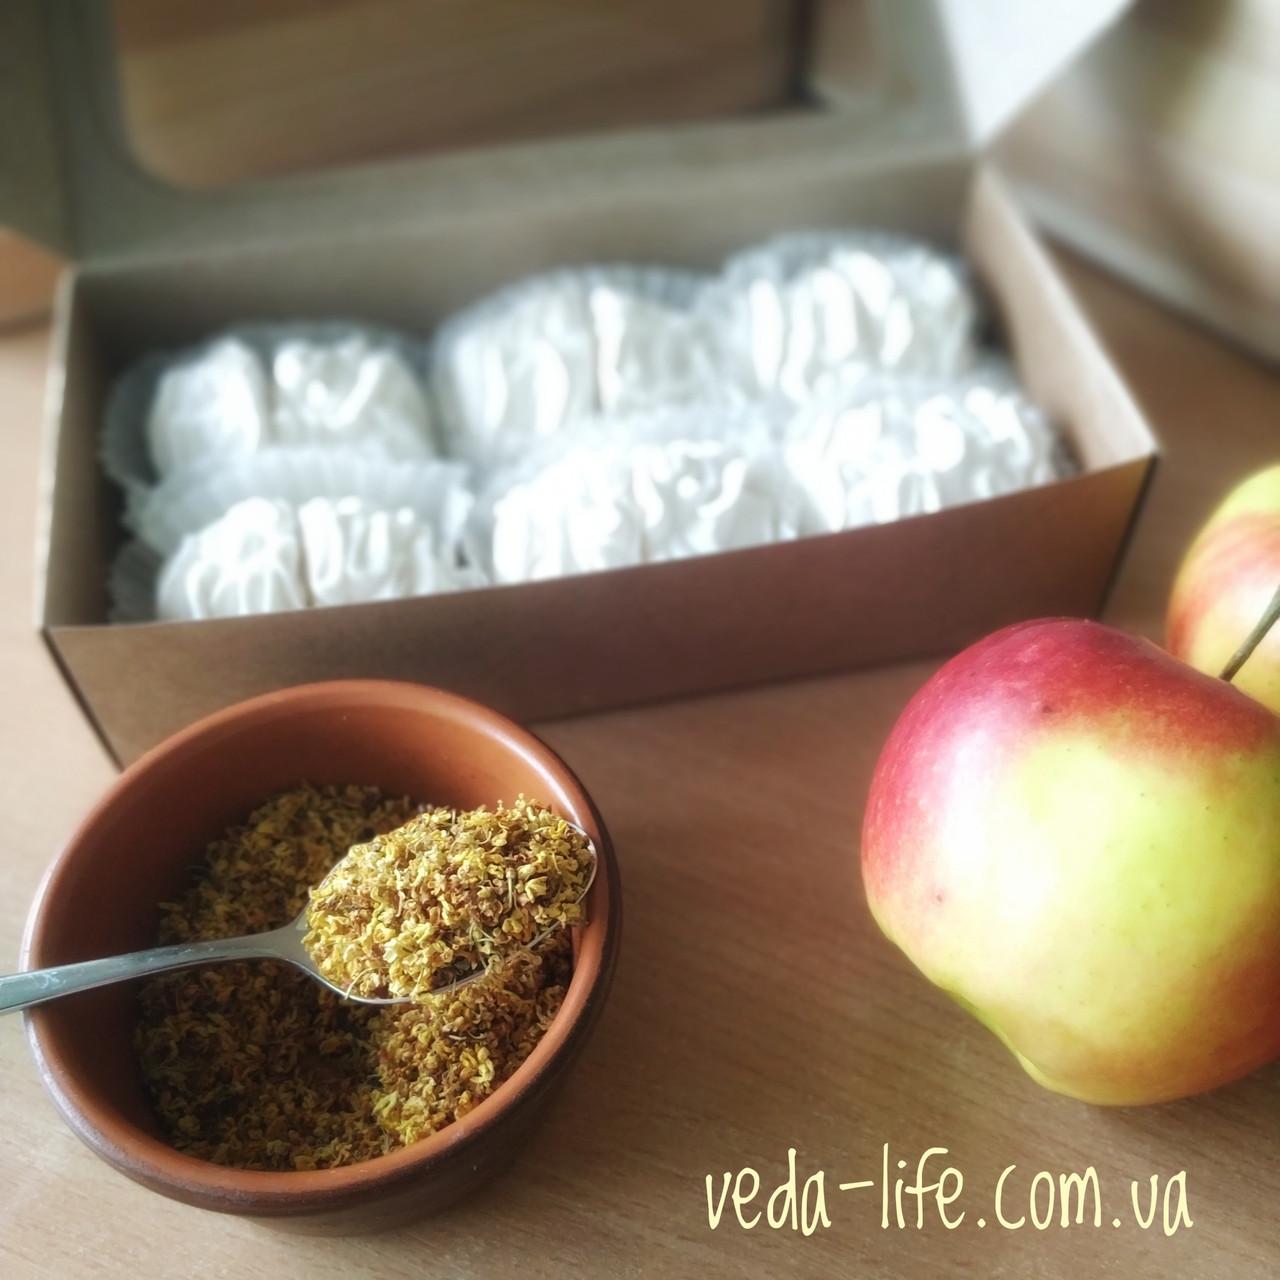 Зефир натуральный на агаре (6 шт. из 2-х половинок) в коробочке. Палитра вкусов на выбор, 200 грамм